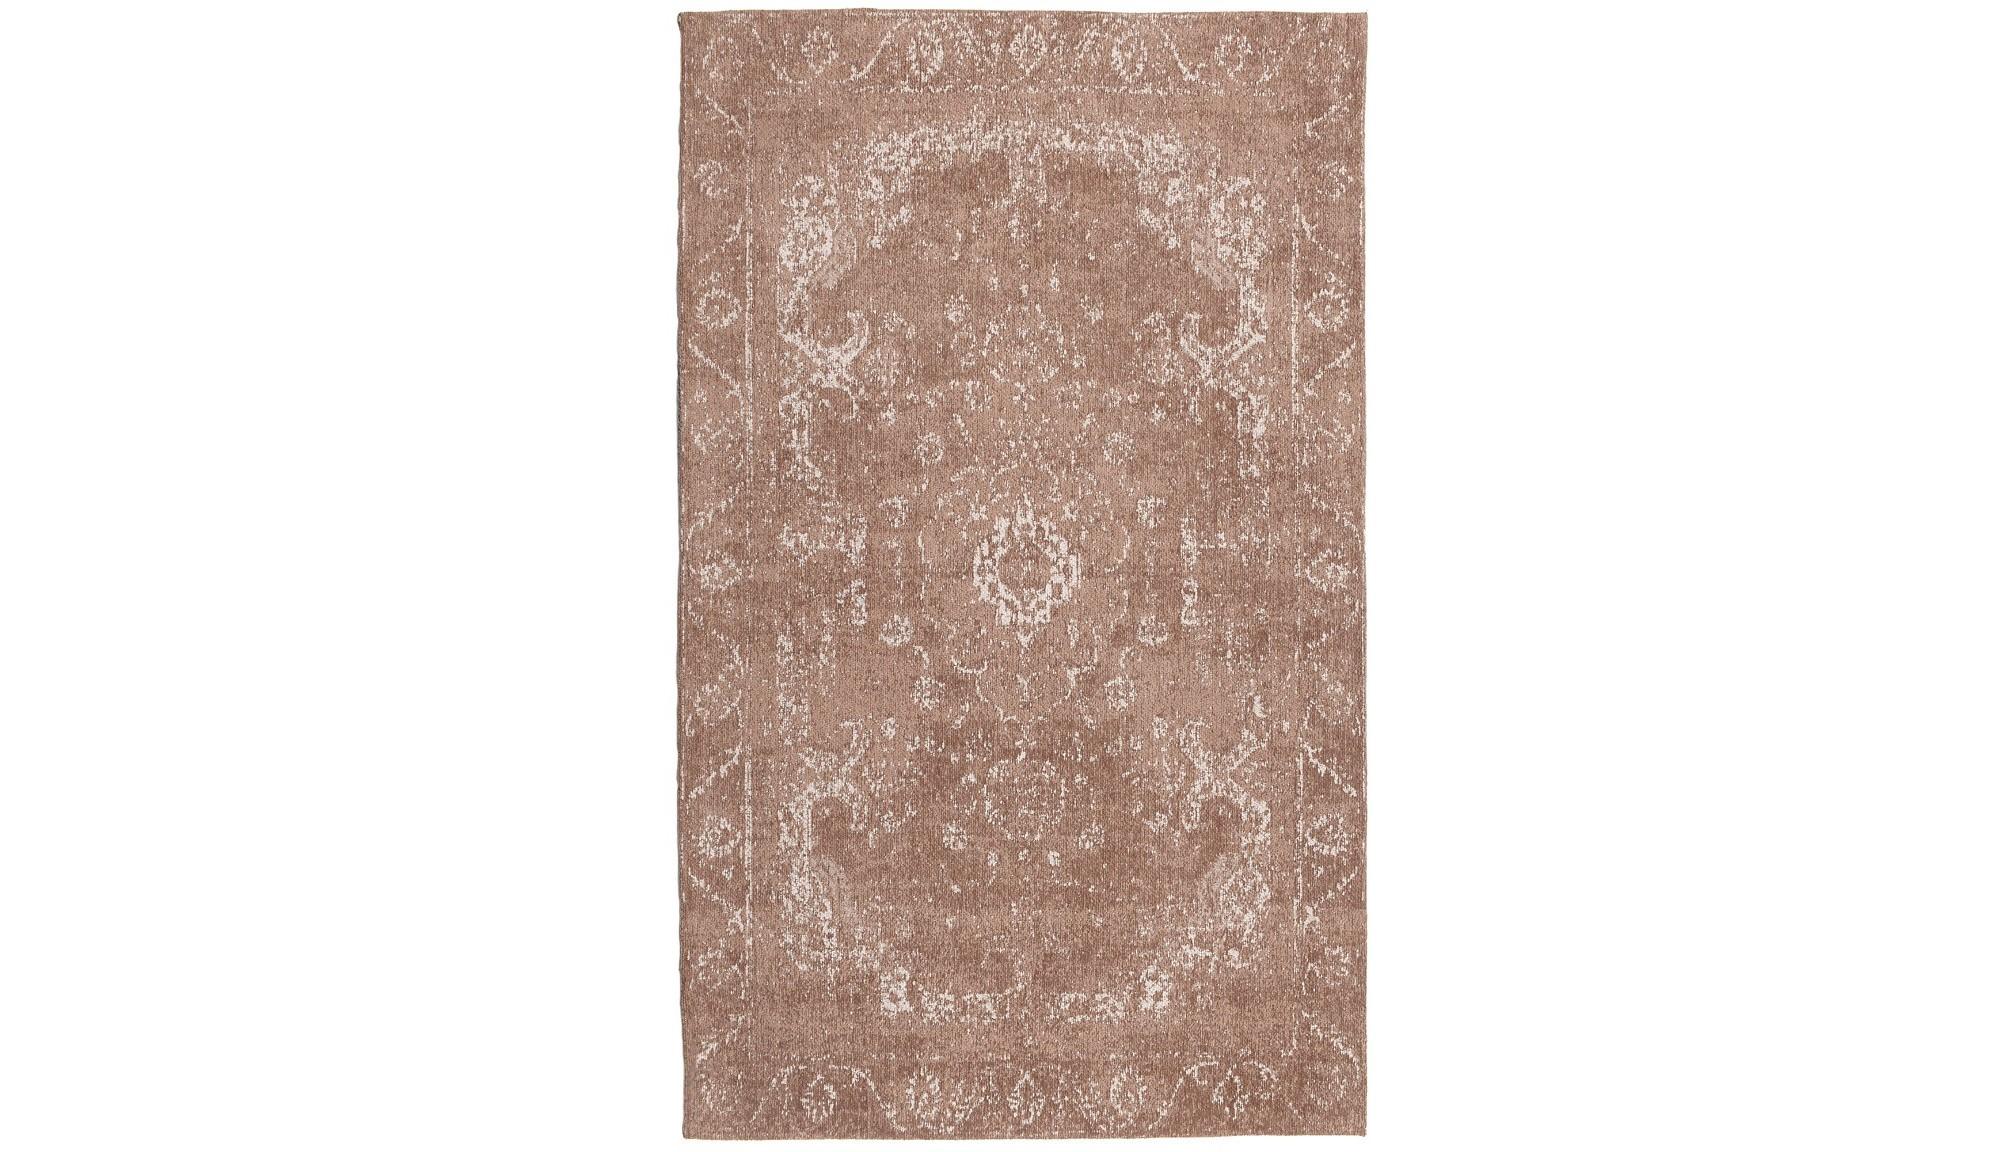 Ковер ArtenoПрямоугольные ковры<br>Материал: синель, хлопок, полиэстер<br><br>Material: Текстиль<br>Width см: 70<br>Depth см: 110<br>Height см: 2